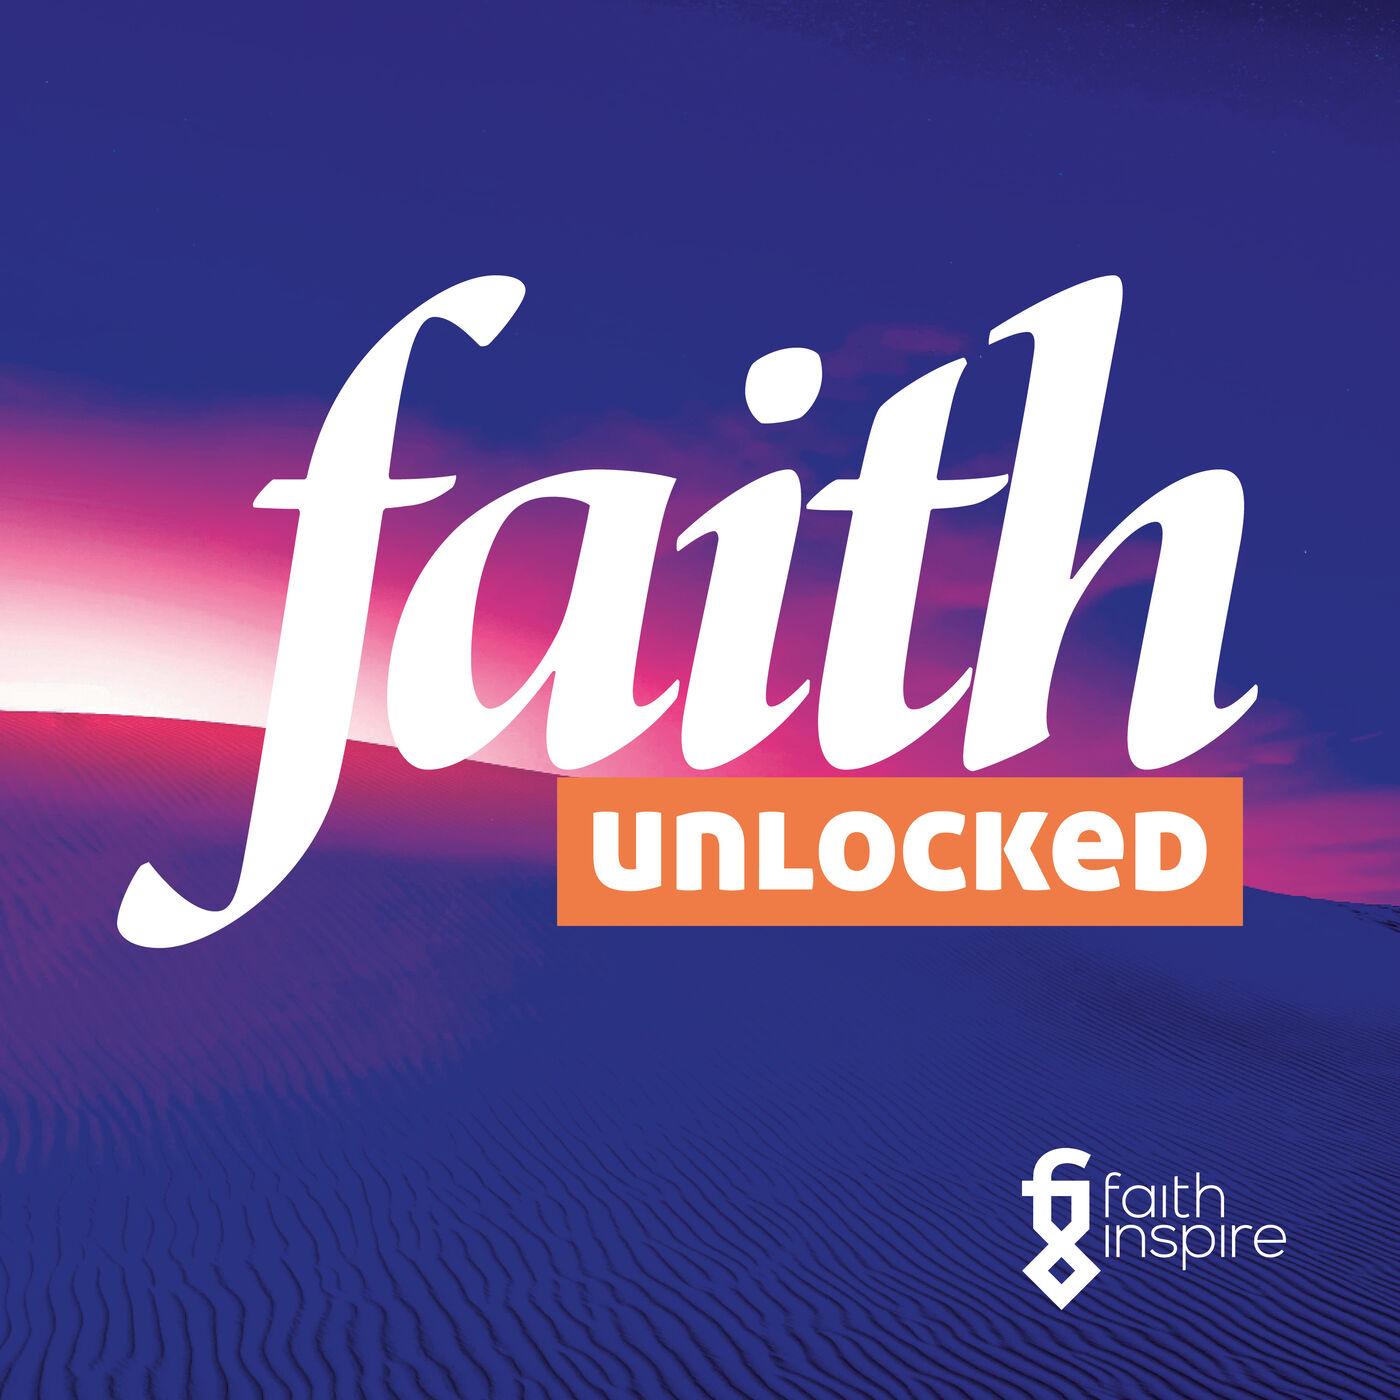 Faith Inspire (Faith Unlocked) - Shaykh Abdullah Hakim Quick